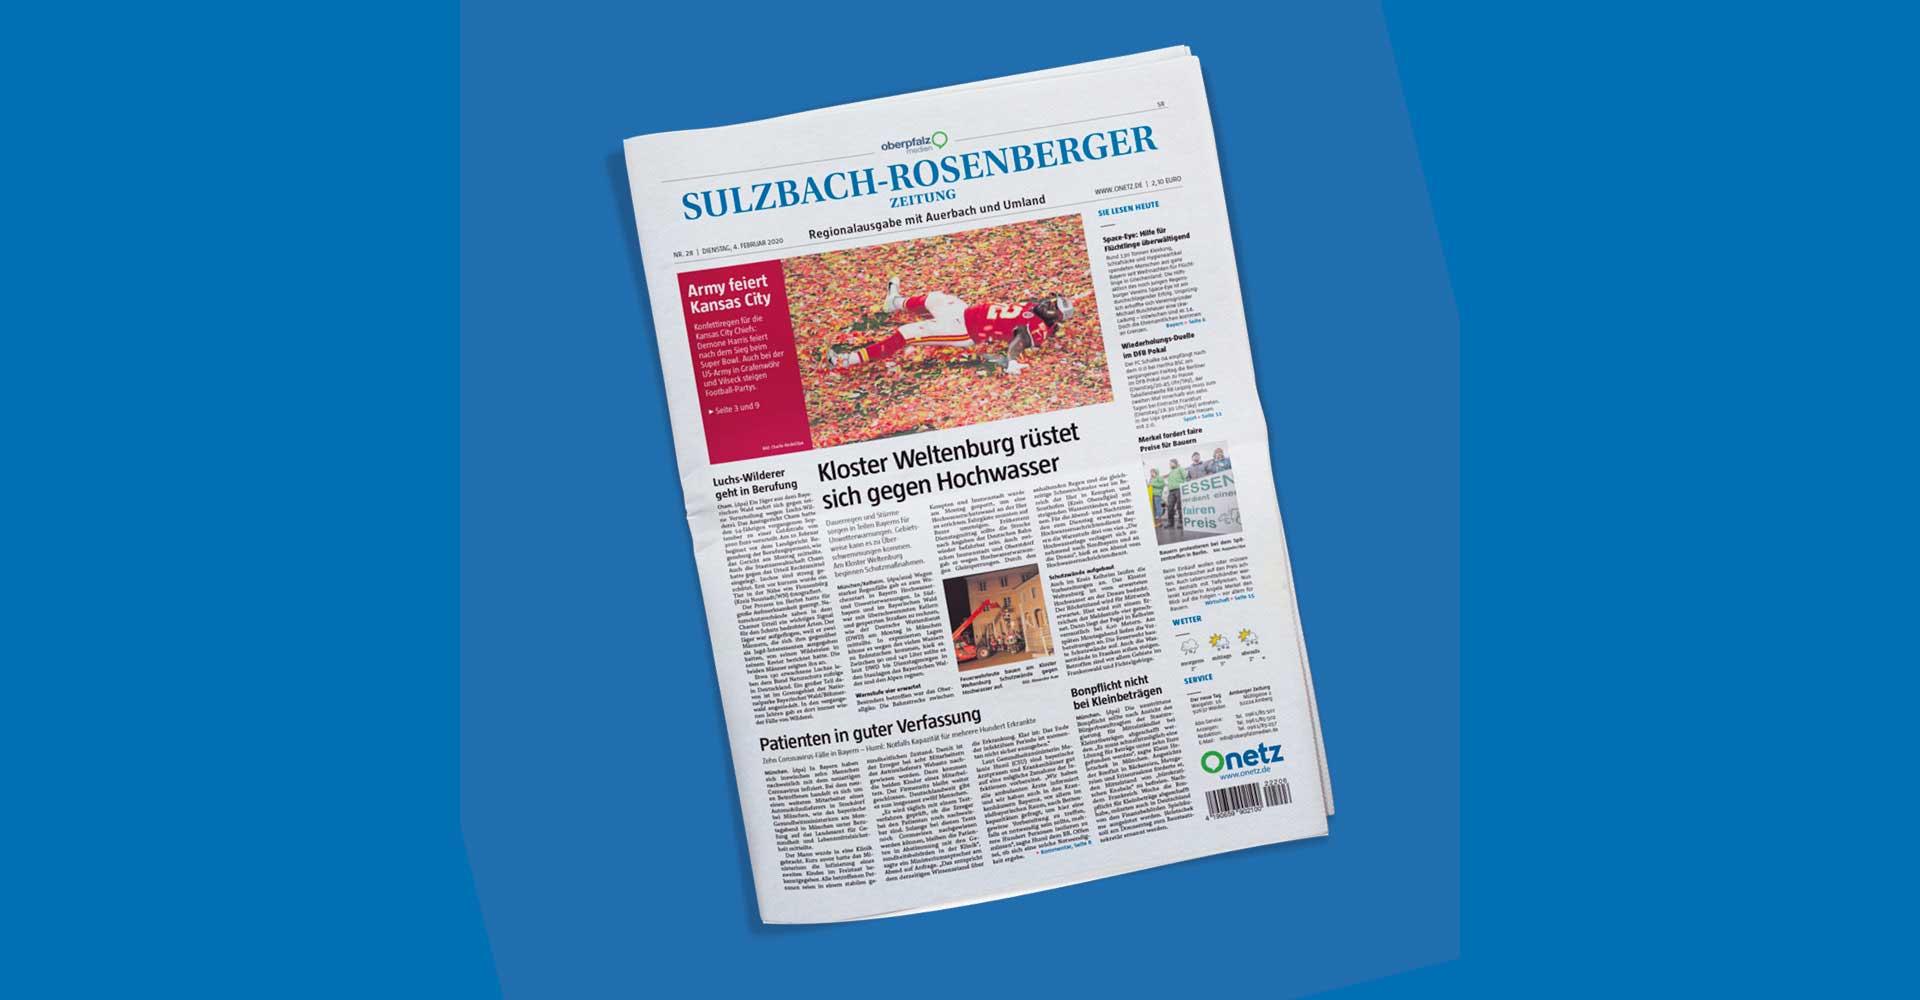 """Ansicht des Titelblatts einer Ausgabe der Tageszeitung """"Sulzbach-Rosenberger Zeitung""""."""